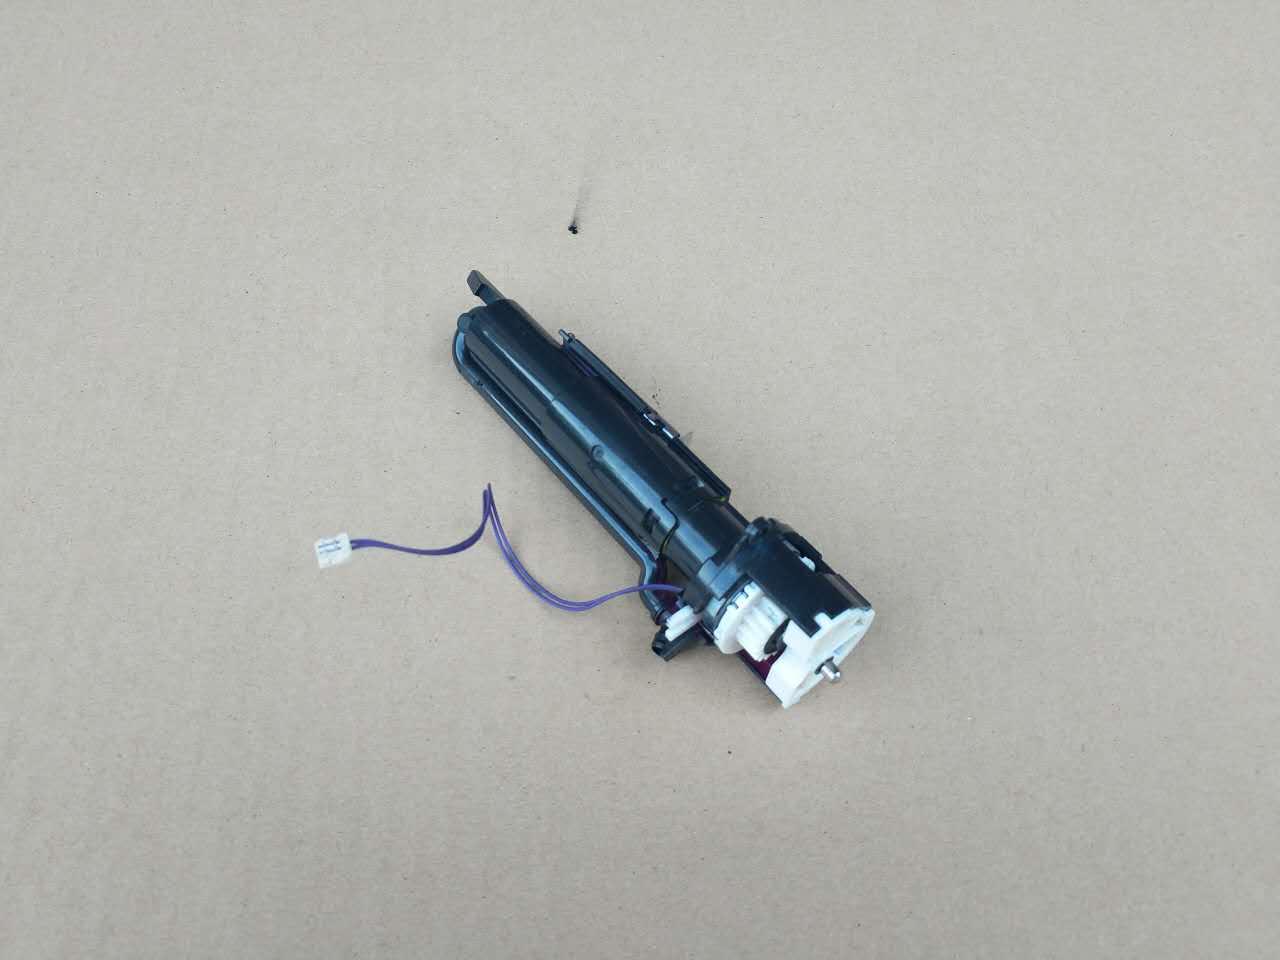 1pcs refubish Toner Supply Pump Unit for Ricoh MPC3002 MPC3502 MPC4502 MPC5502 MP C3002 C3502 C4502 C5502